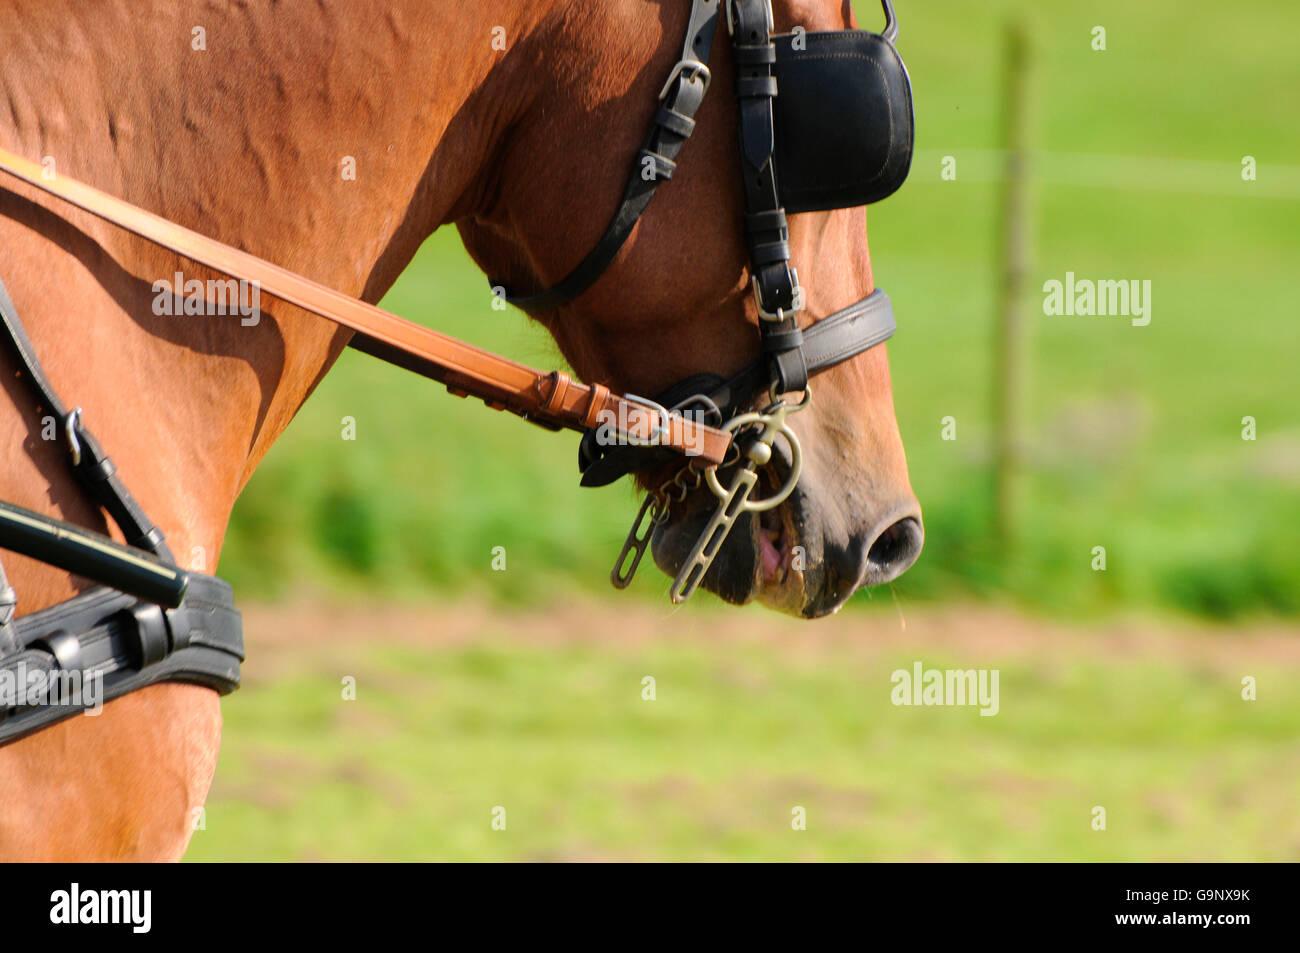 Amazoncom horse blinkers